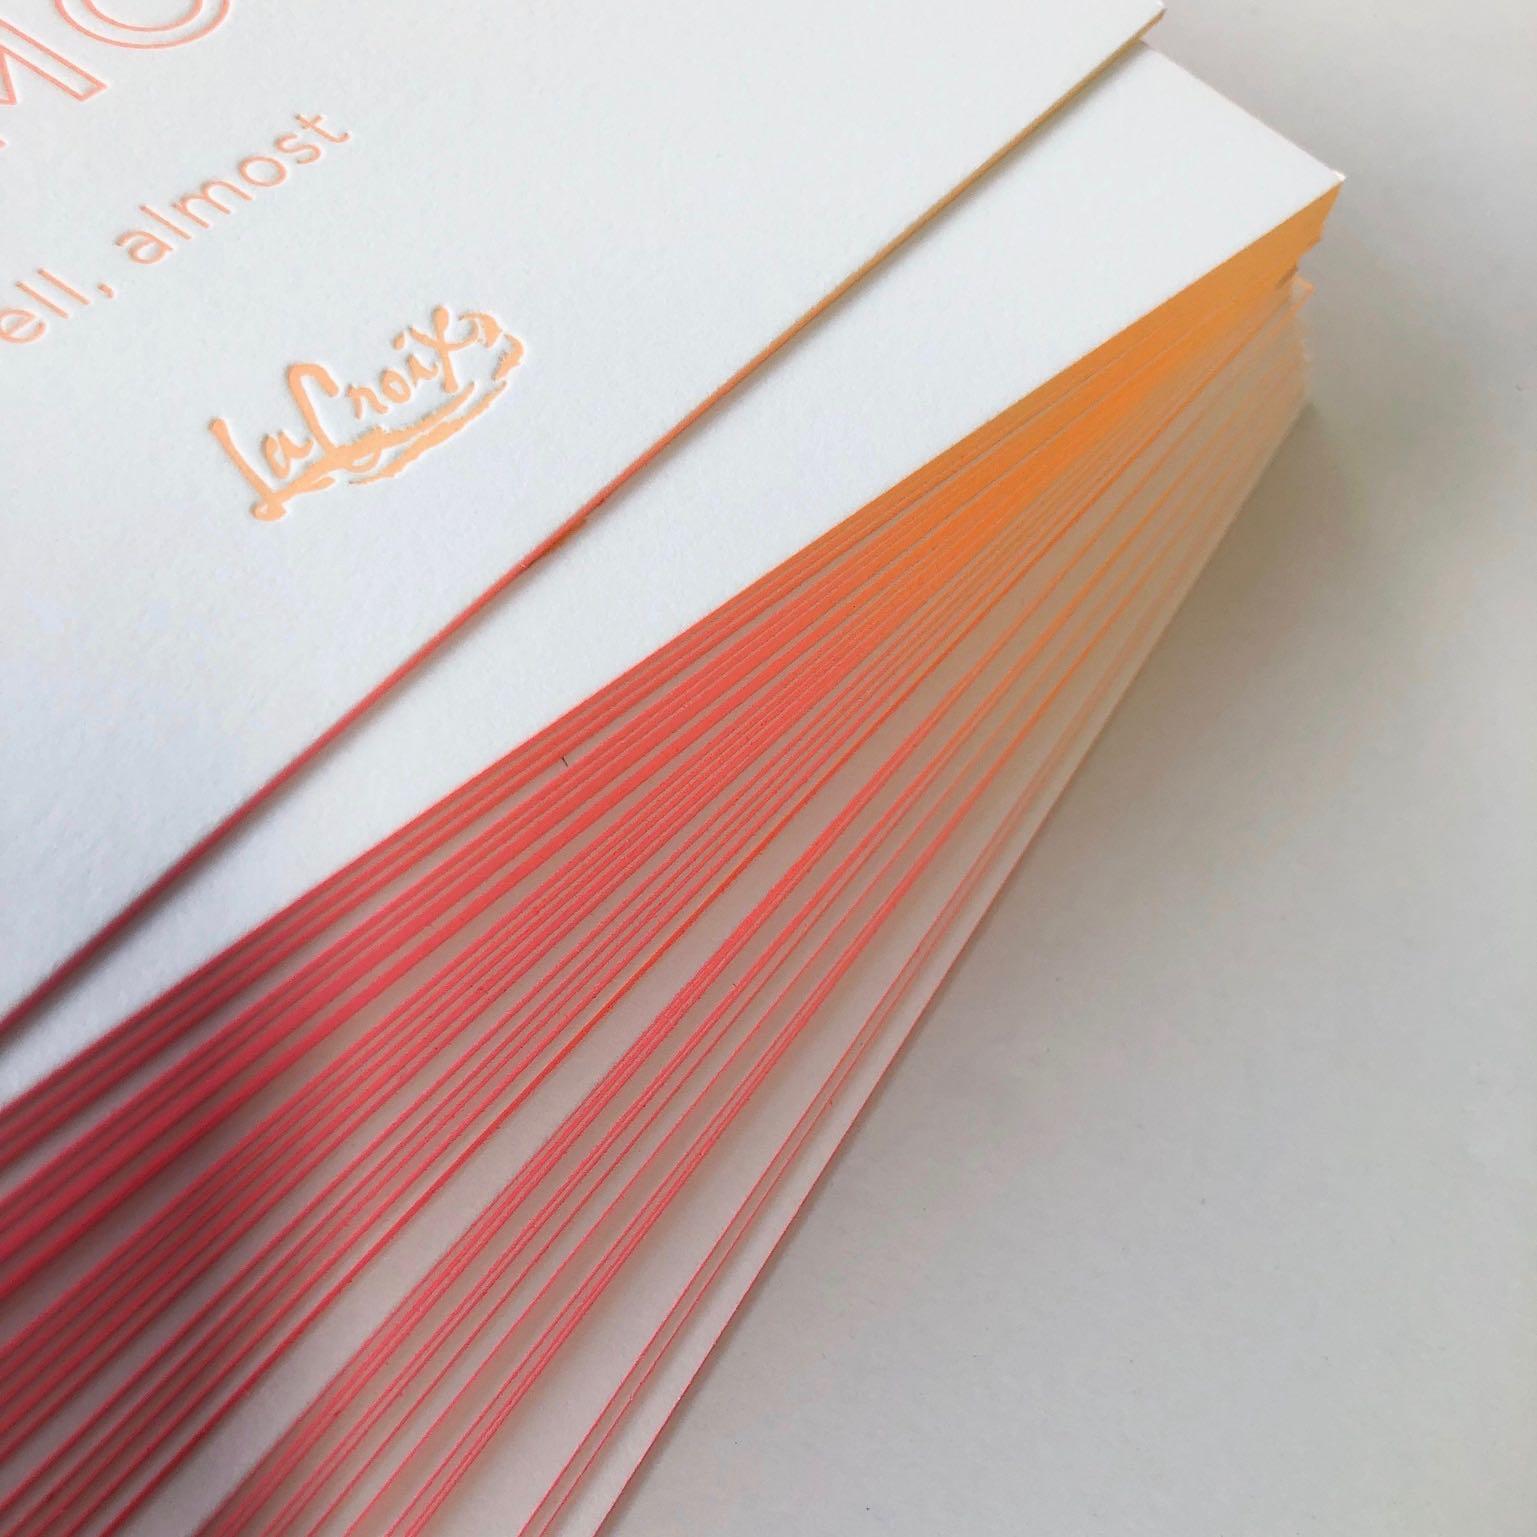 Swell+Press+La+Croix+-+2.jpg